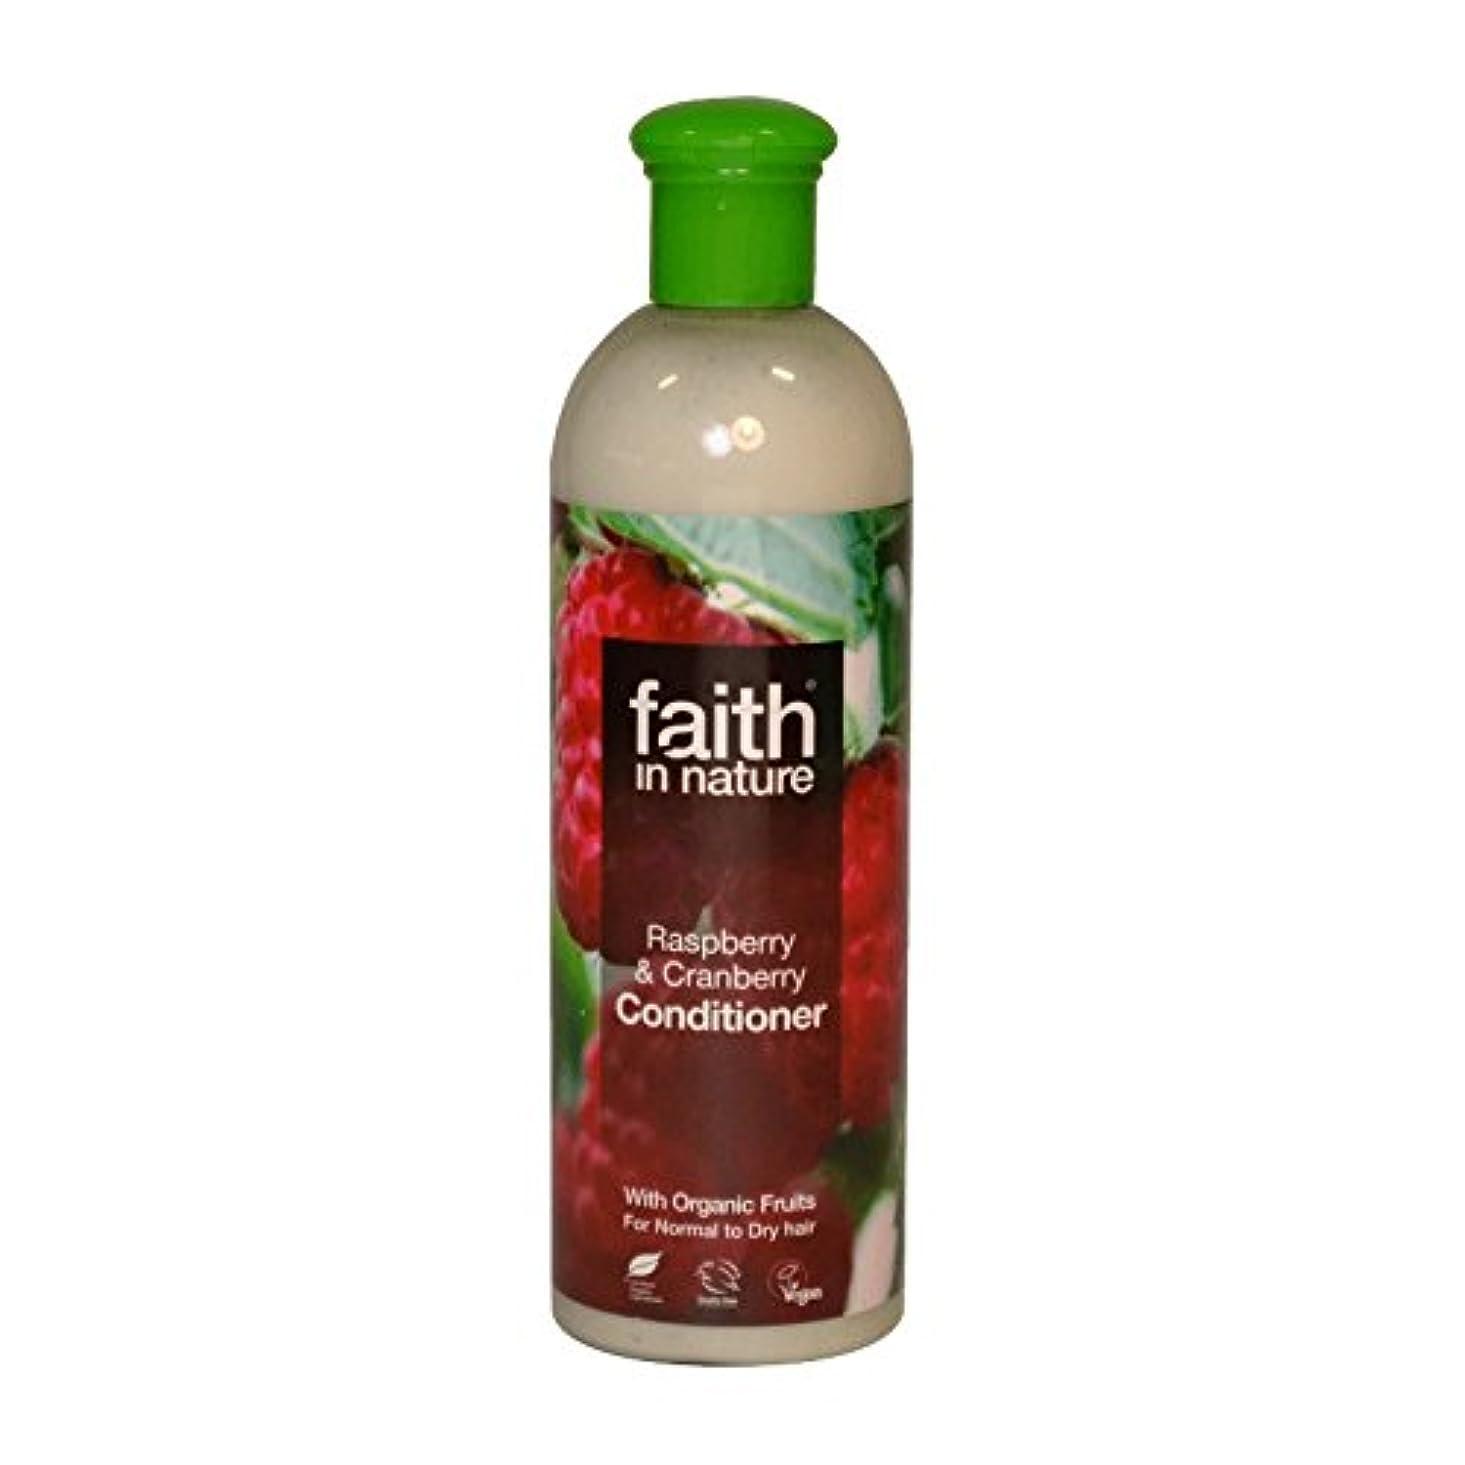 ホスト木電気技師Faith in Nature Raspberry & Cranberry Conditioner 400ml (Pack of 6) - 自然ラズベリー&クランベリーコンディショナー400ミリリットルの信仰 (x6)...